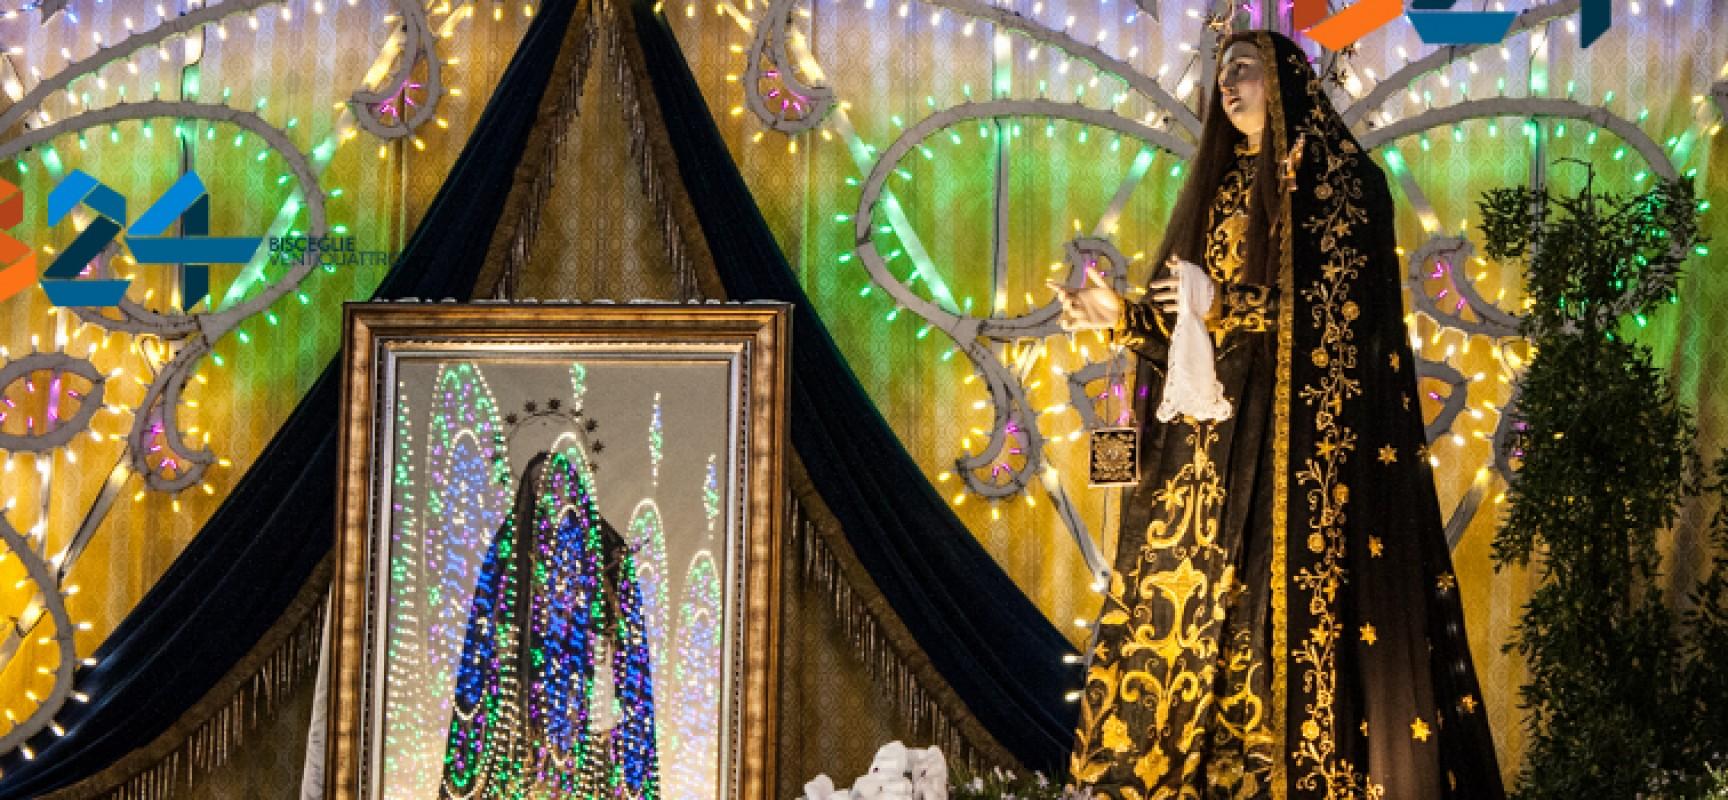 Al via le celebrazioni della festa cittadina dell'Addolorata, il PROGRAMMA completo